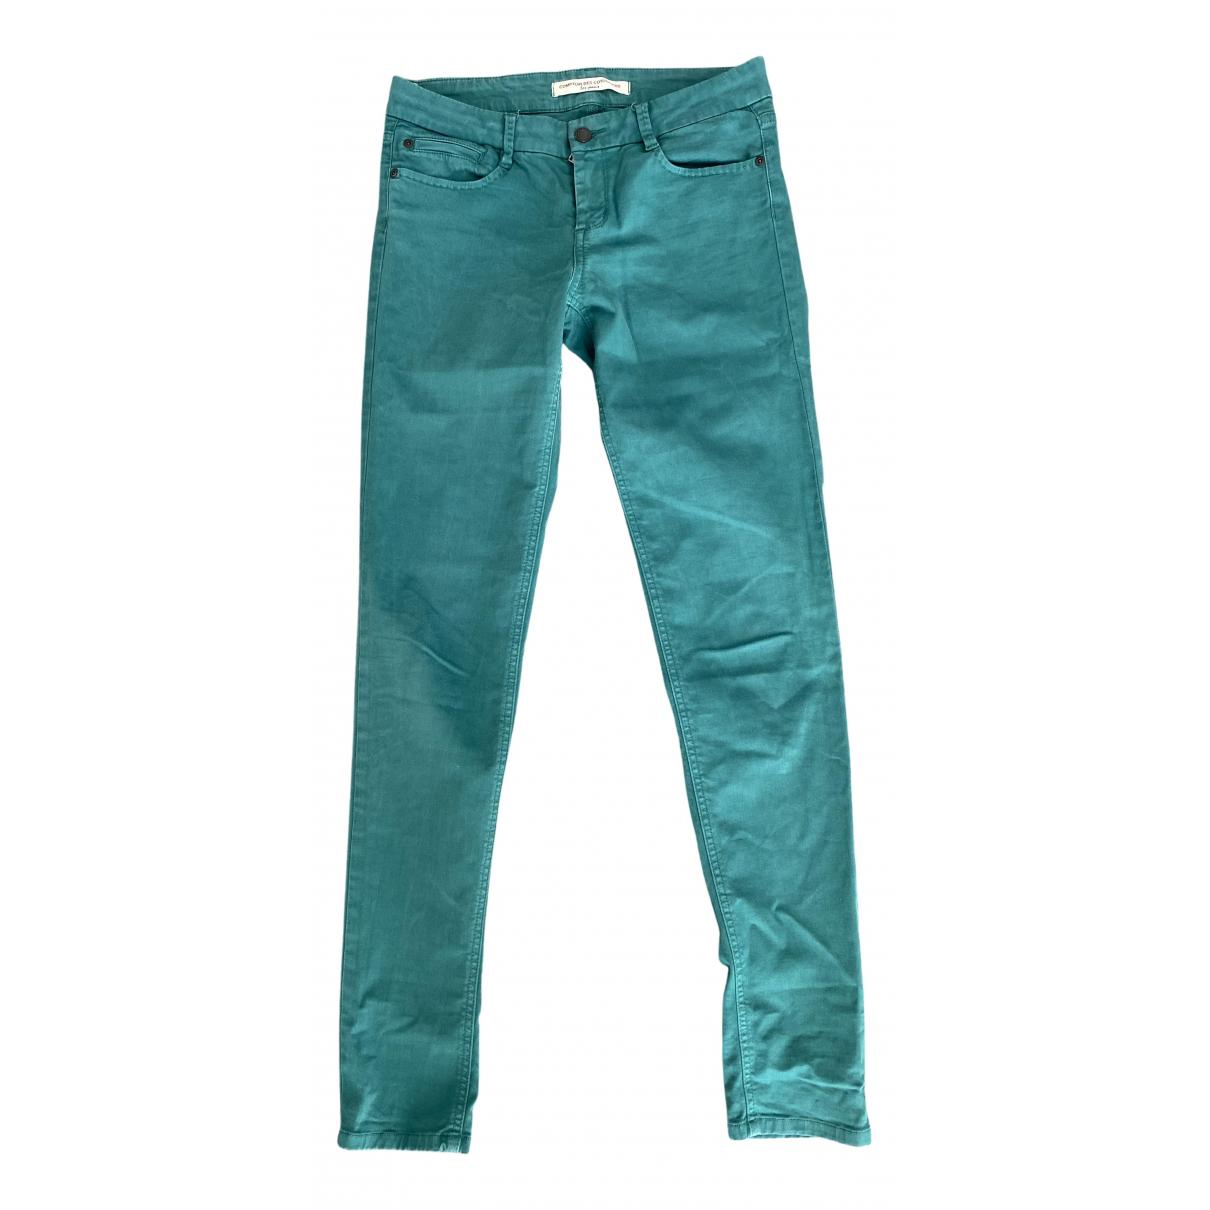 Comptoir Des Cotonniers - Jean   pour femme en coton - elasthane - vert